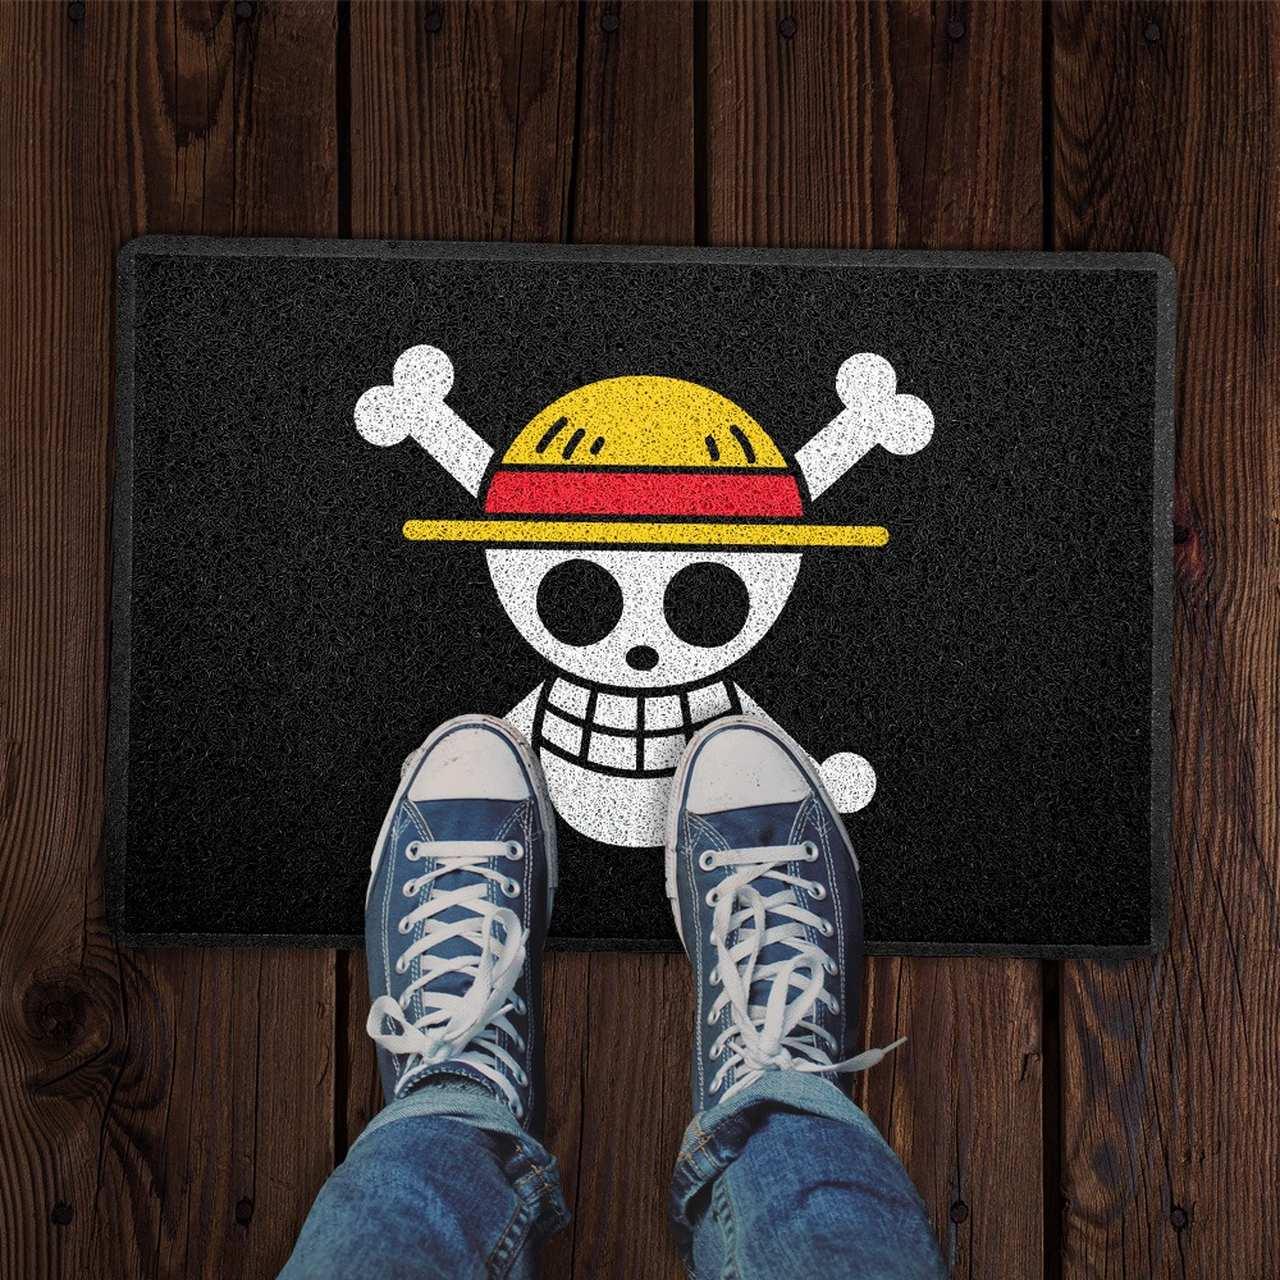 Capacho Bandeira dos Piratas do Chapéu de Palha: One Piece - EV